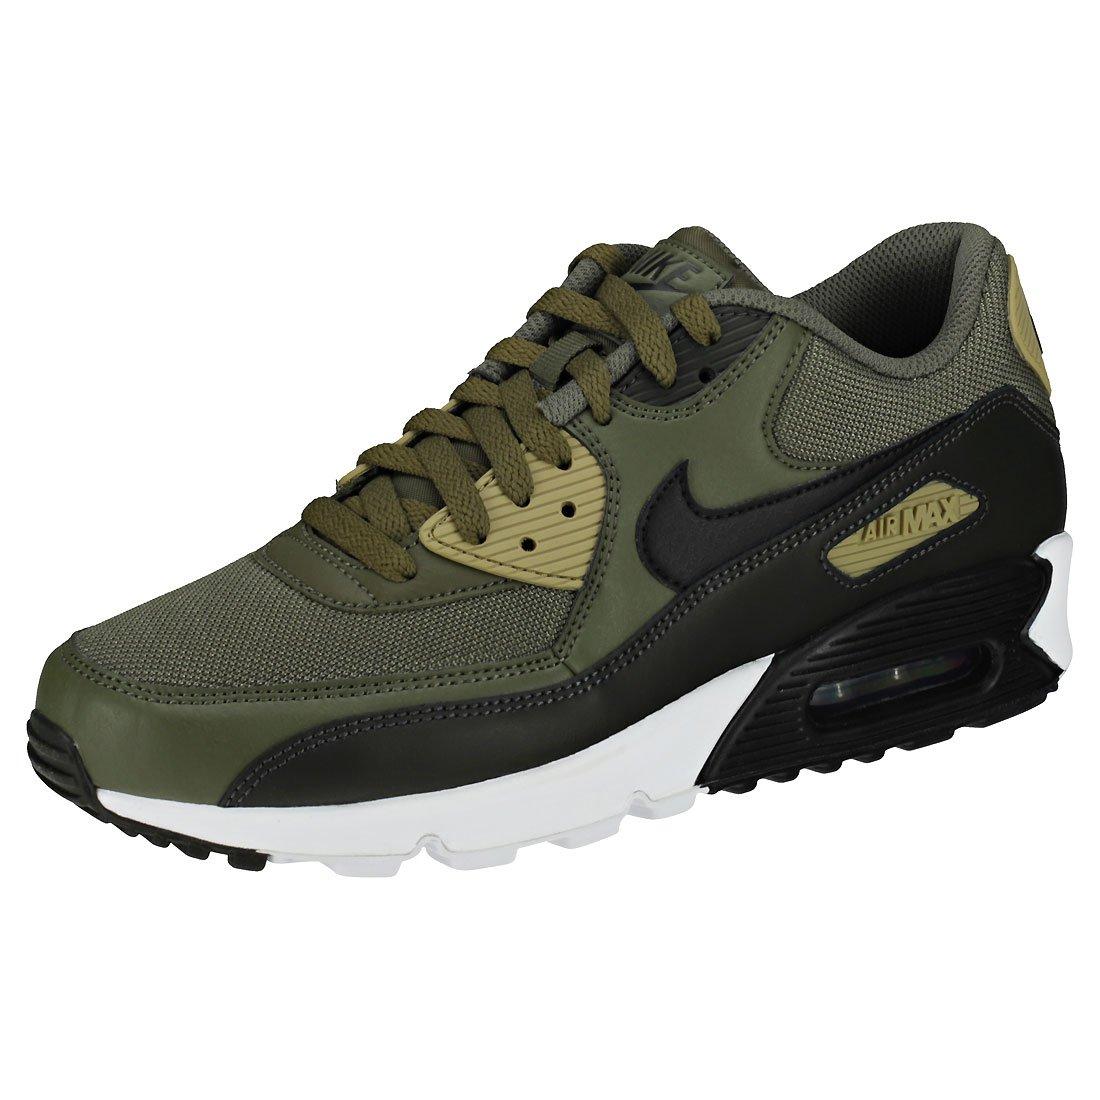 NIKE Men's Air Max 90 Essential Running Shoe B07CZ69VX2 10 M US|Medium Olive/Black/Sequoia